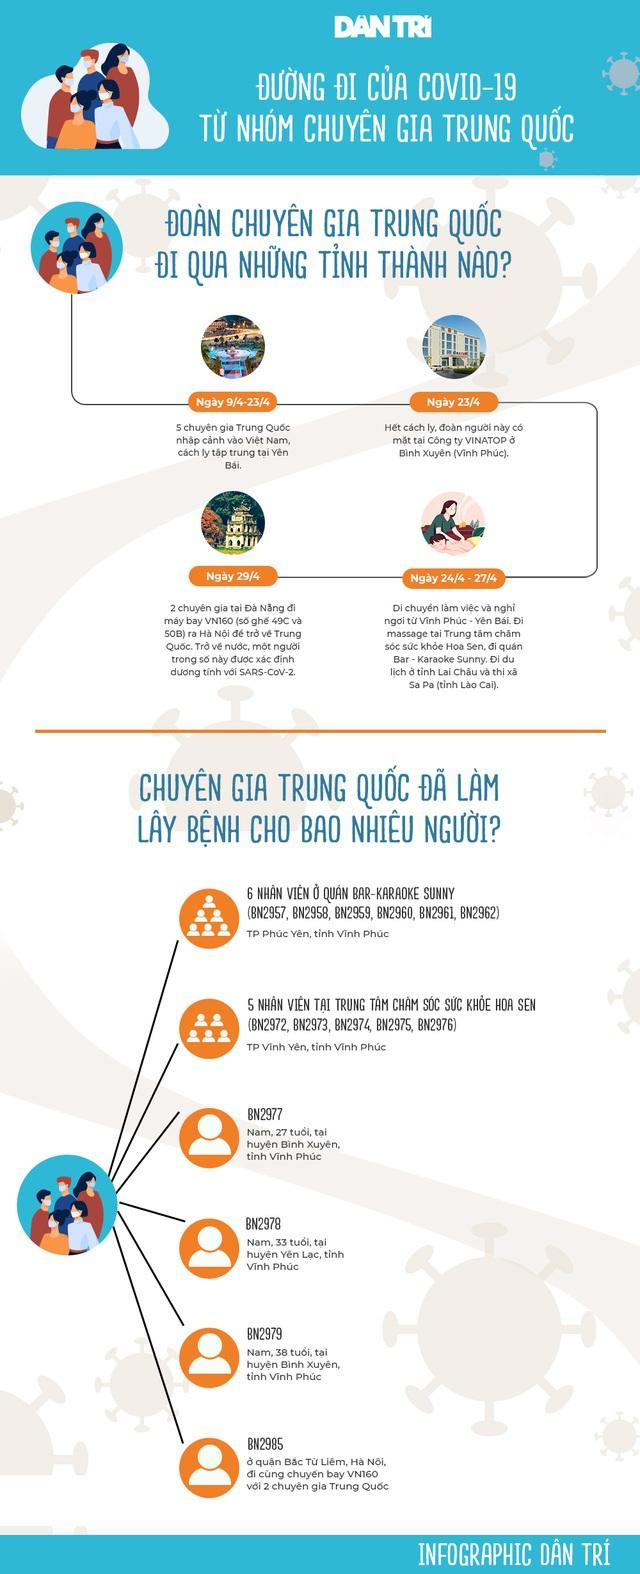 Diễn biến dịch ngày 4/5: Ổ dịch COVID-19 ở Hà Nam đã trải qua 3 chu kỳ lây nhiễm; Việt Nam ghi nhận biến thể virus SARS-CoV-2 thứ 5 - Ảnh 1.